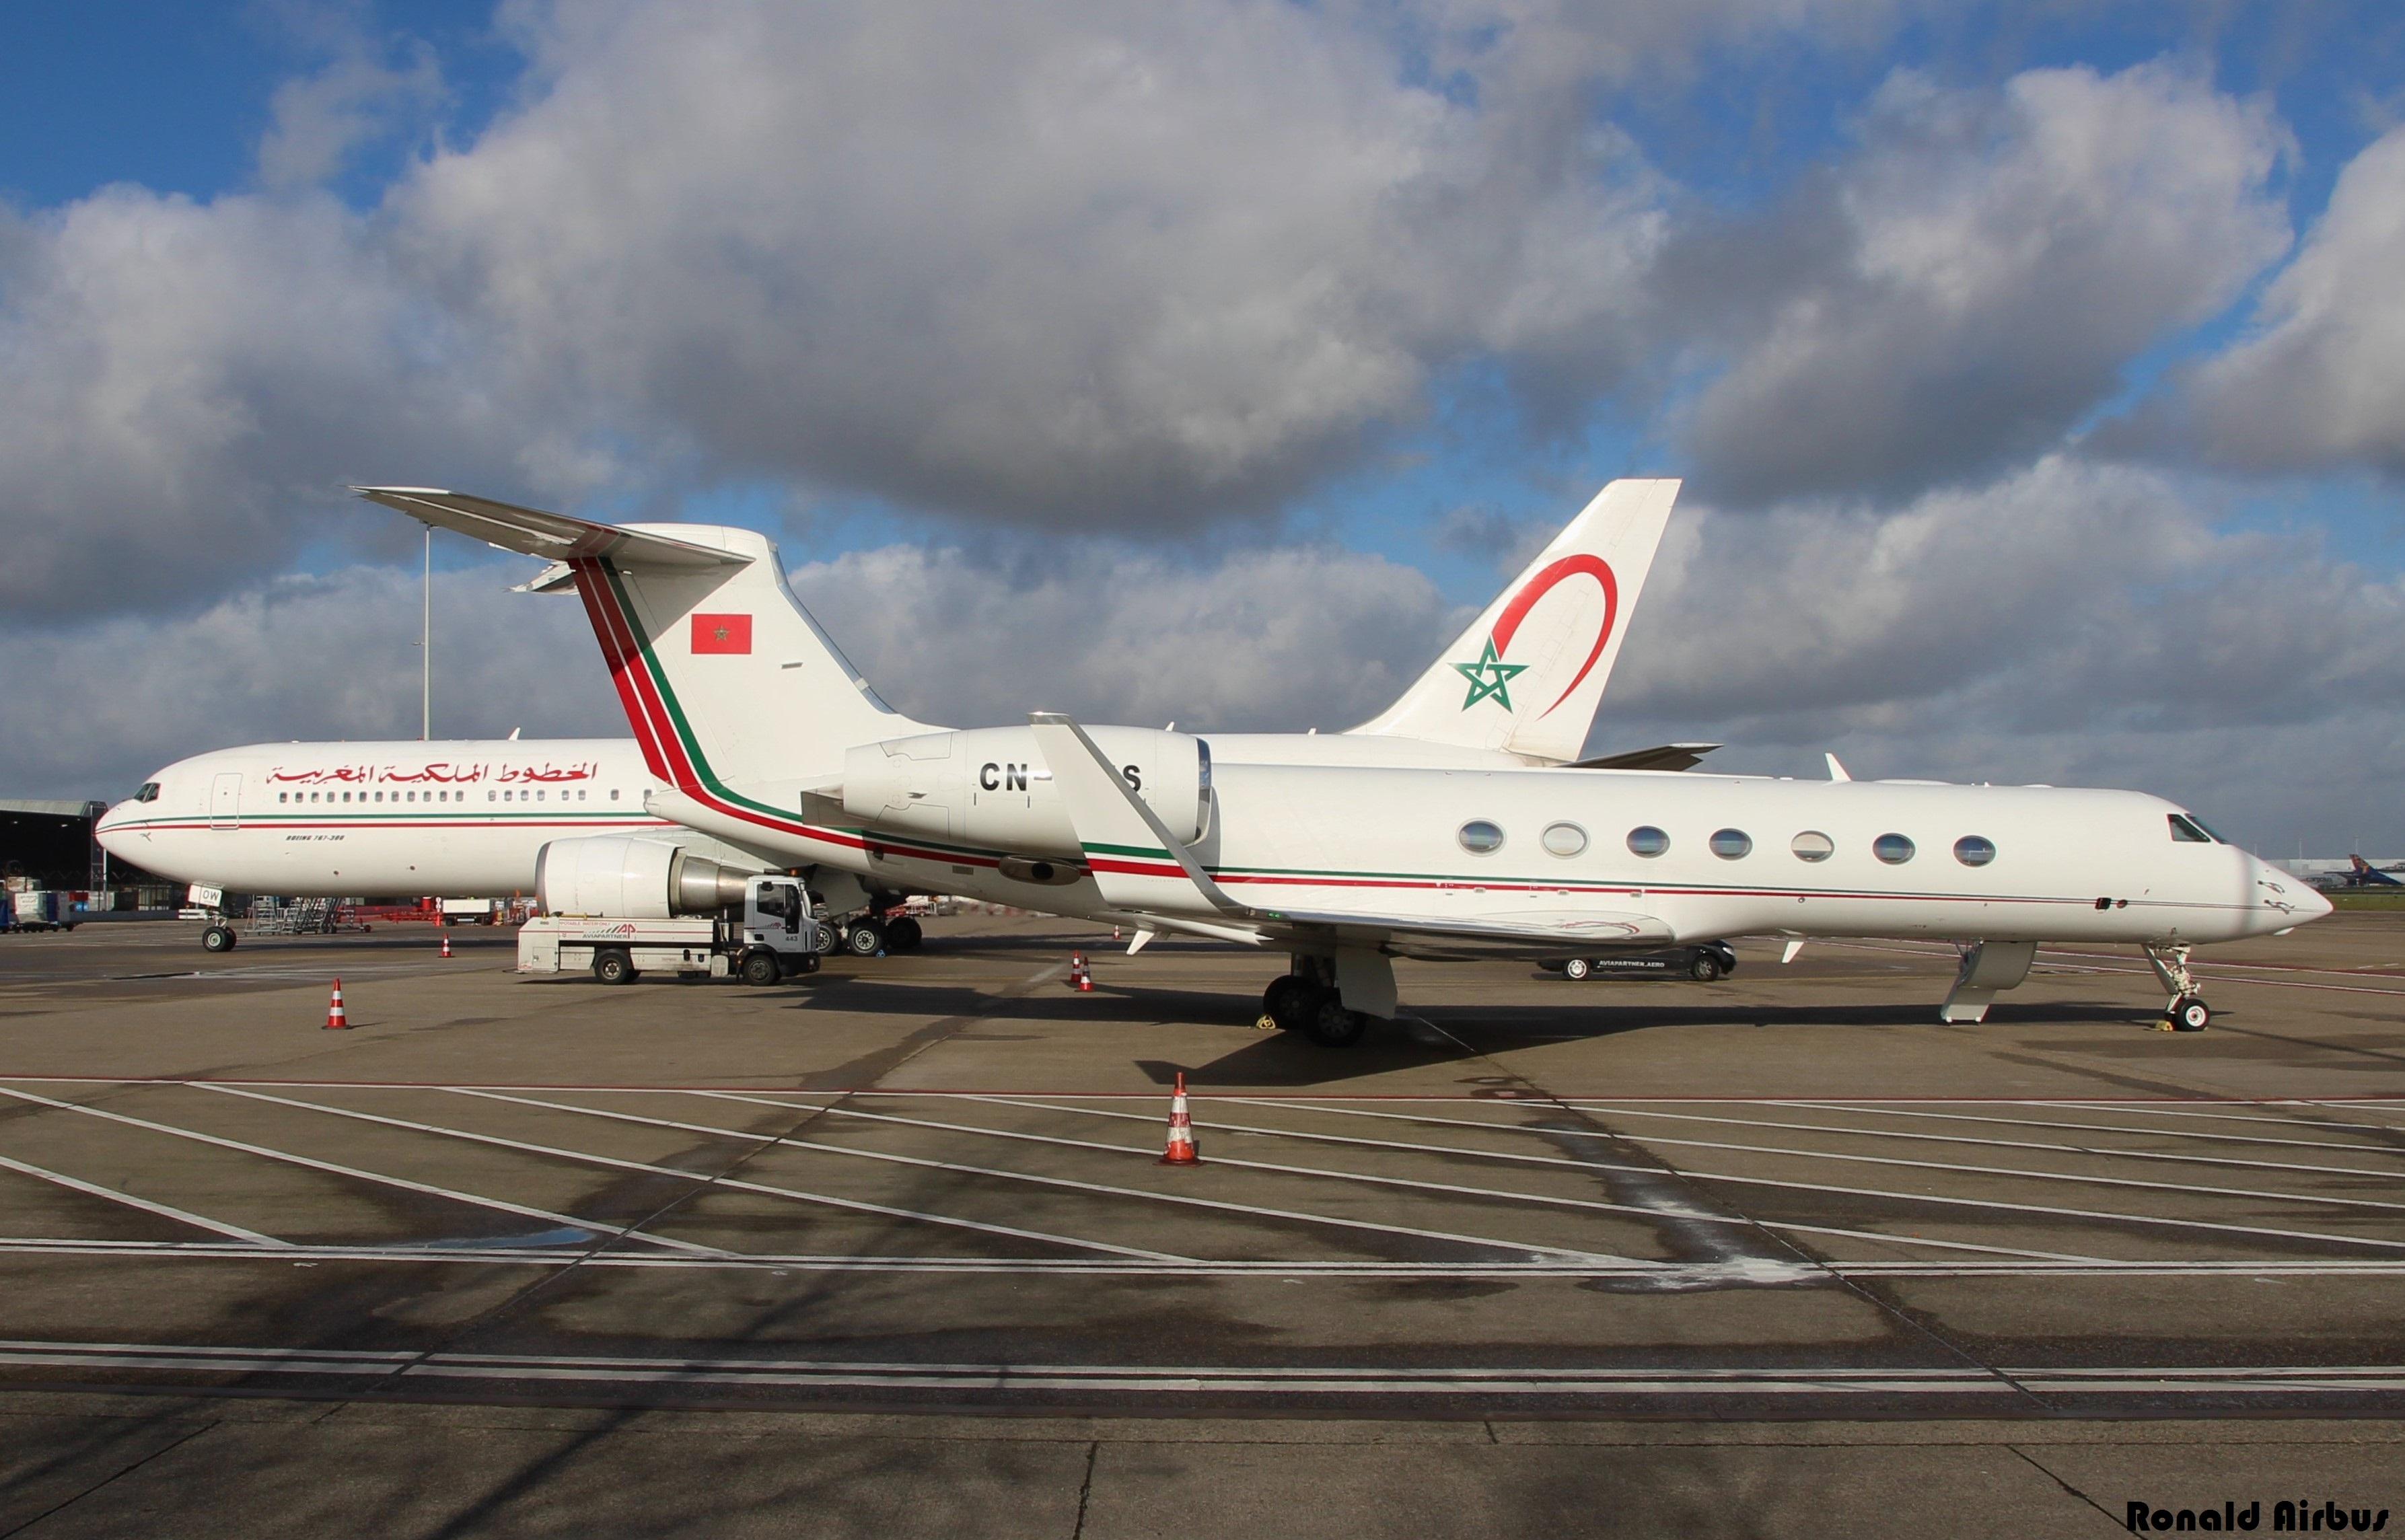 FRA: Avions VIP, Liaison & ECM - Page 12 26005816626_bac8a4ffed_o